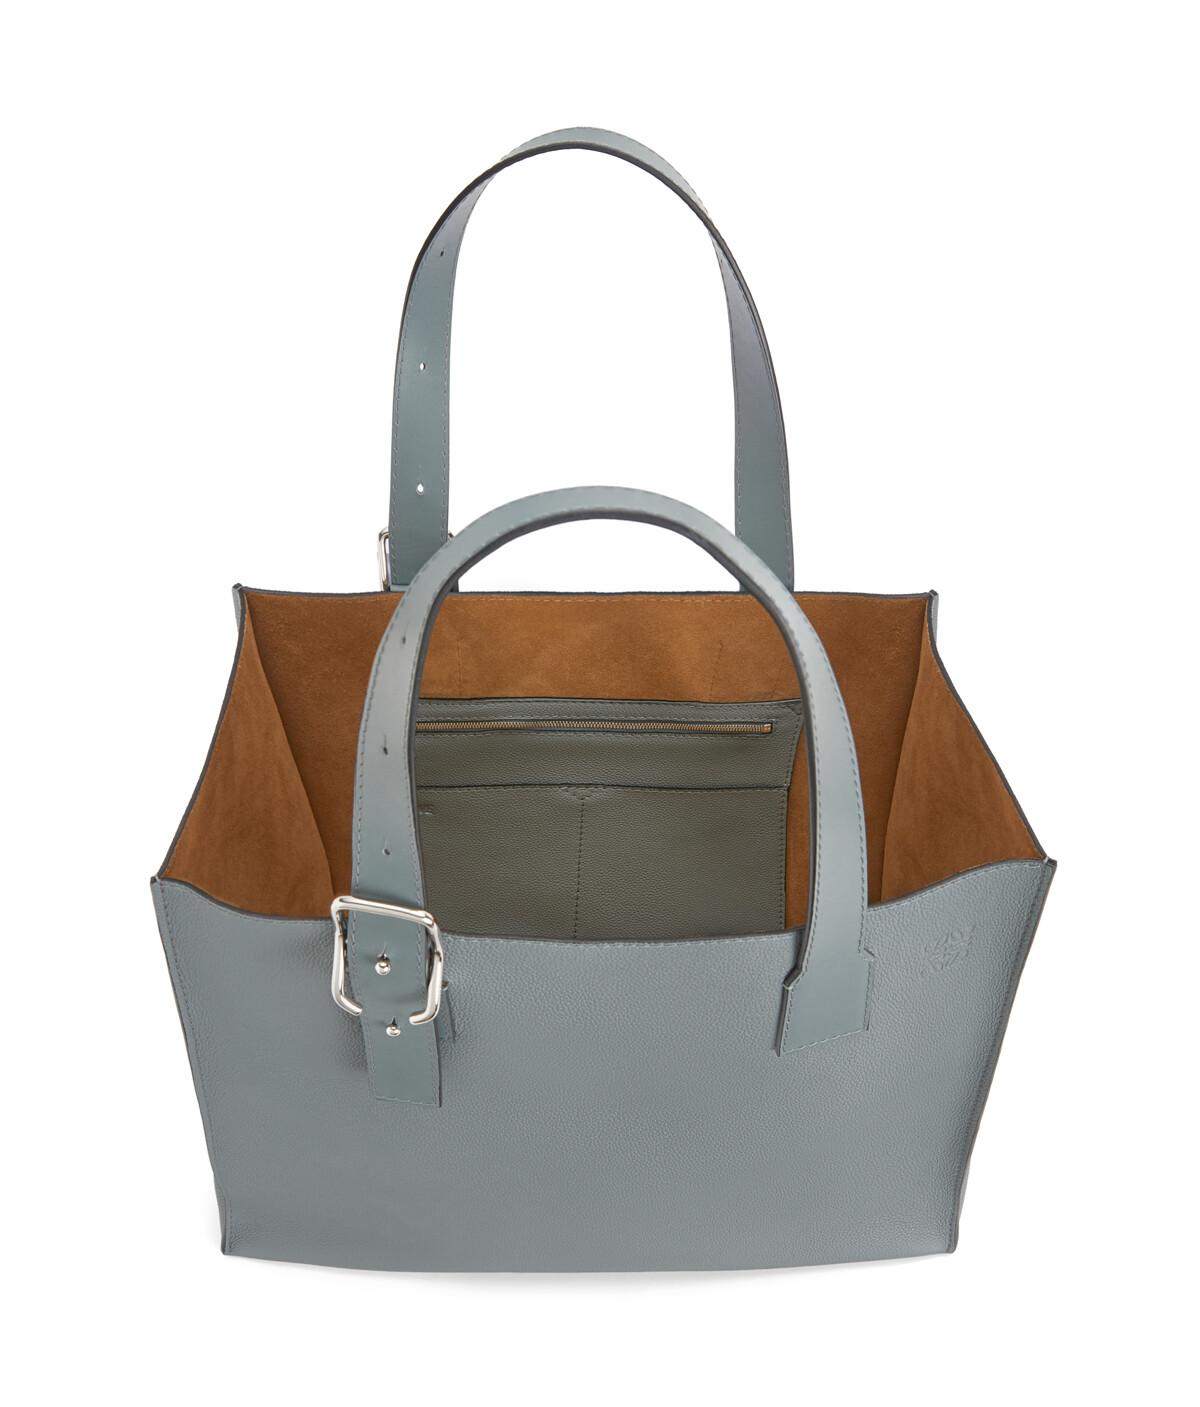 LOEWE Buckle Tote Bag 鐵灰 front